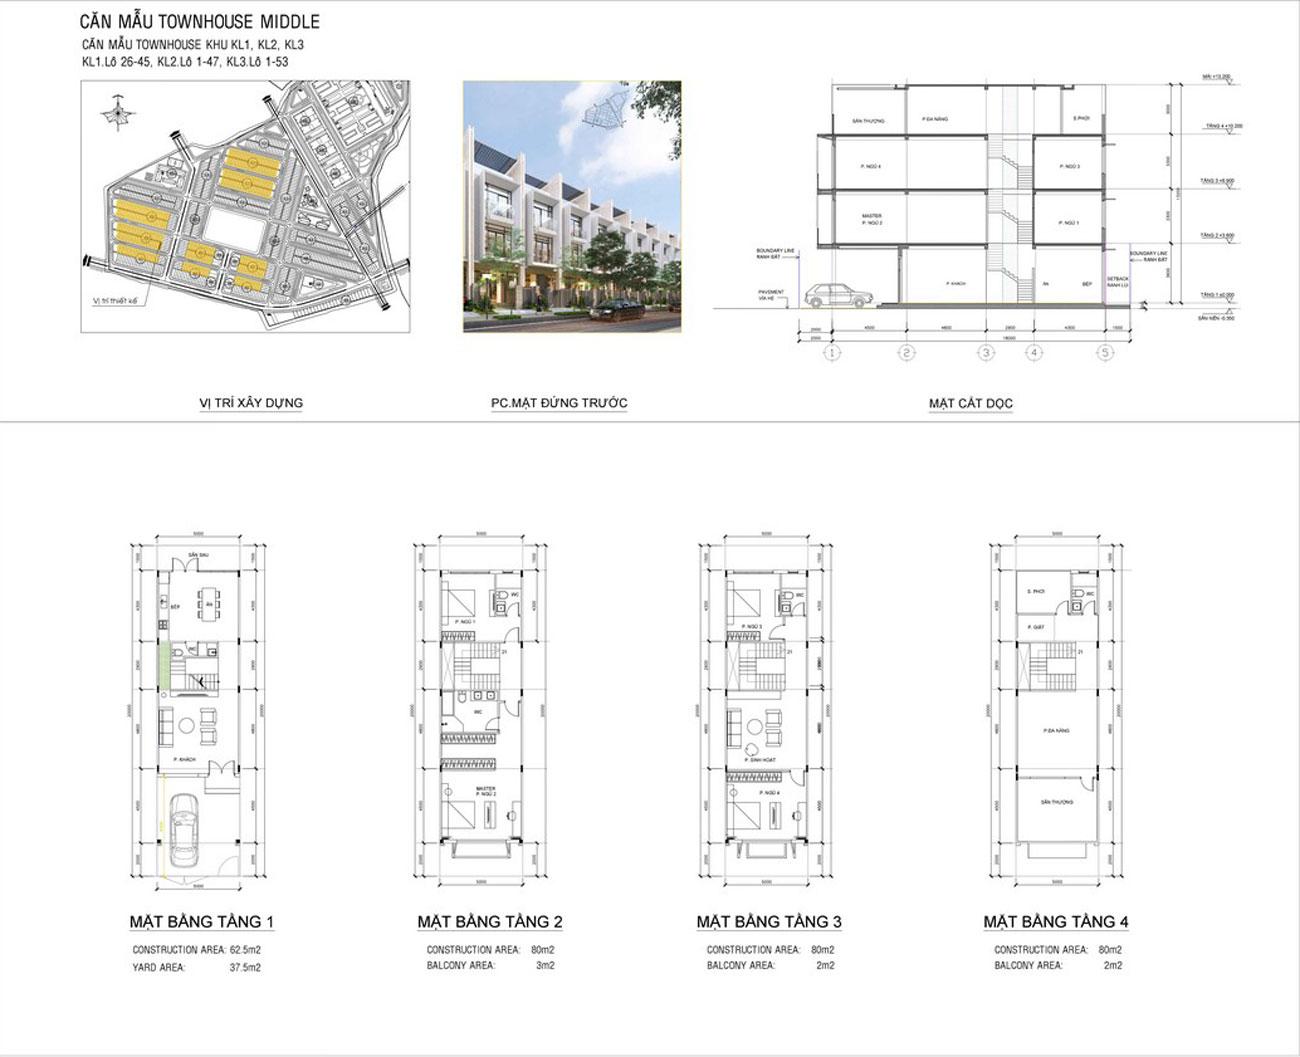 Thiết kế dự án đất nền nhà phố biệt thự Qi Island Bình Dương Đường Ngô Chí Quốc chủ đầu tư Hoa Lâm